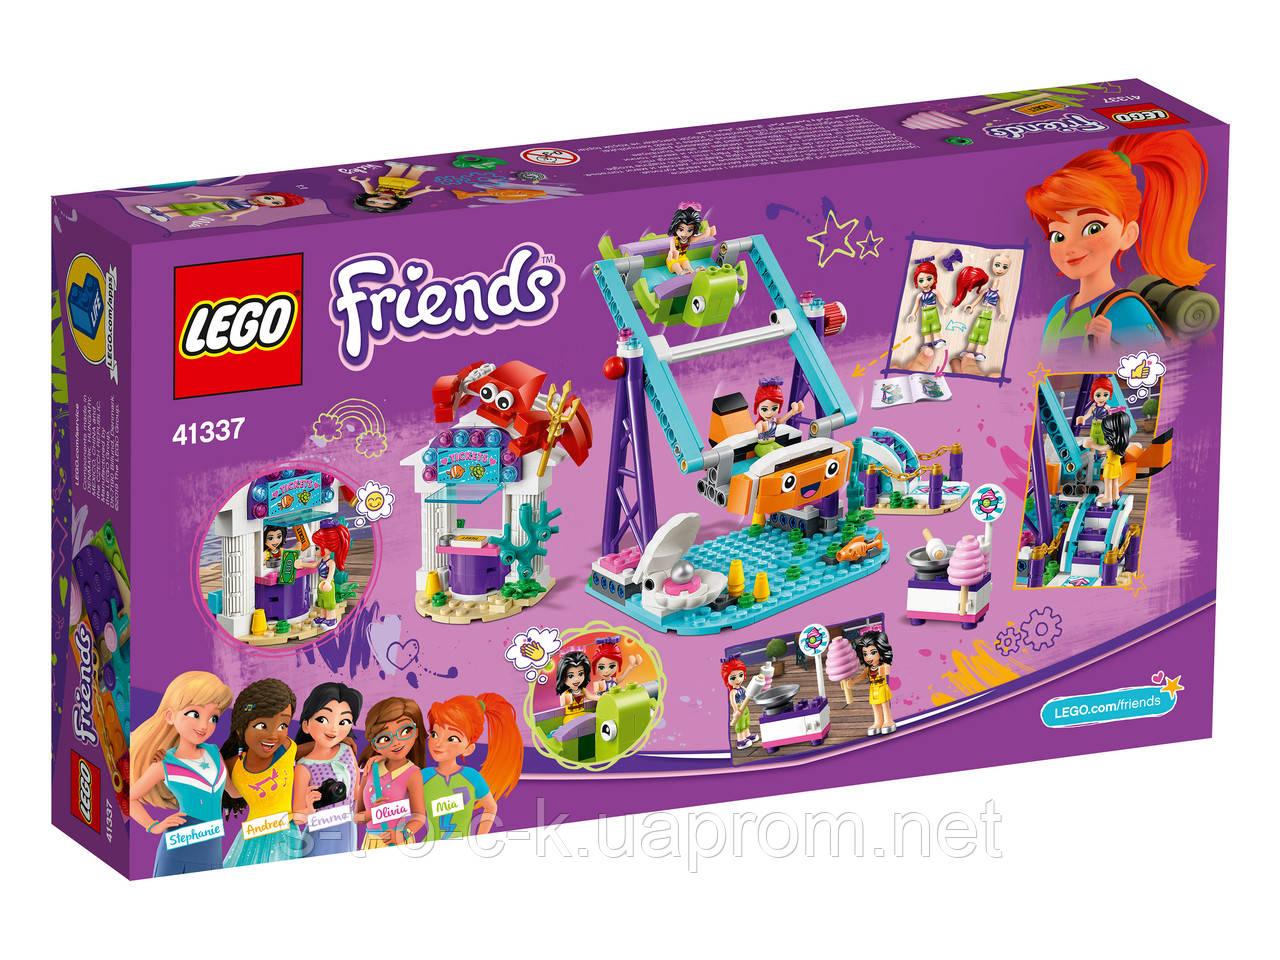 LEGO Friends 41337.  Подводная карусель